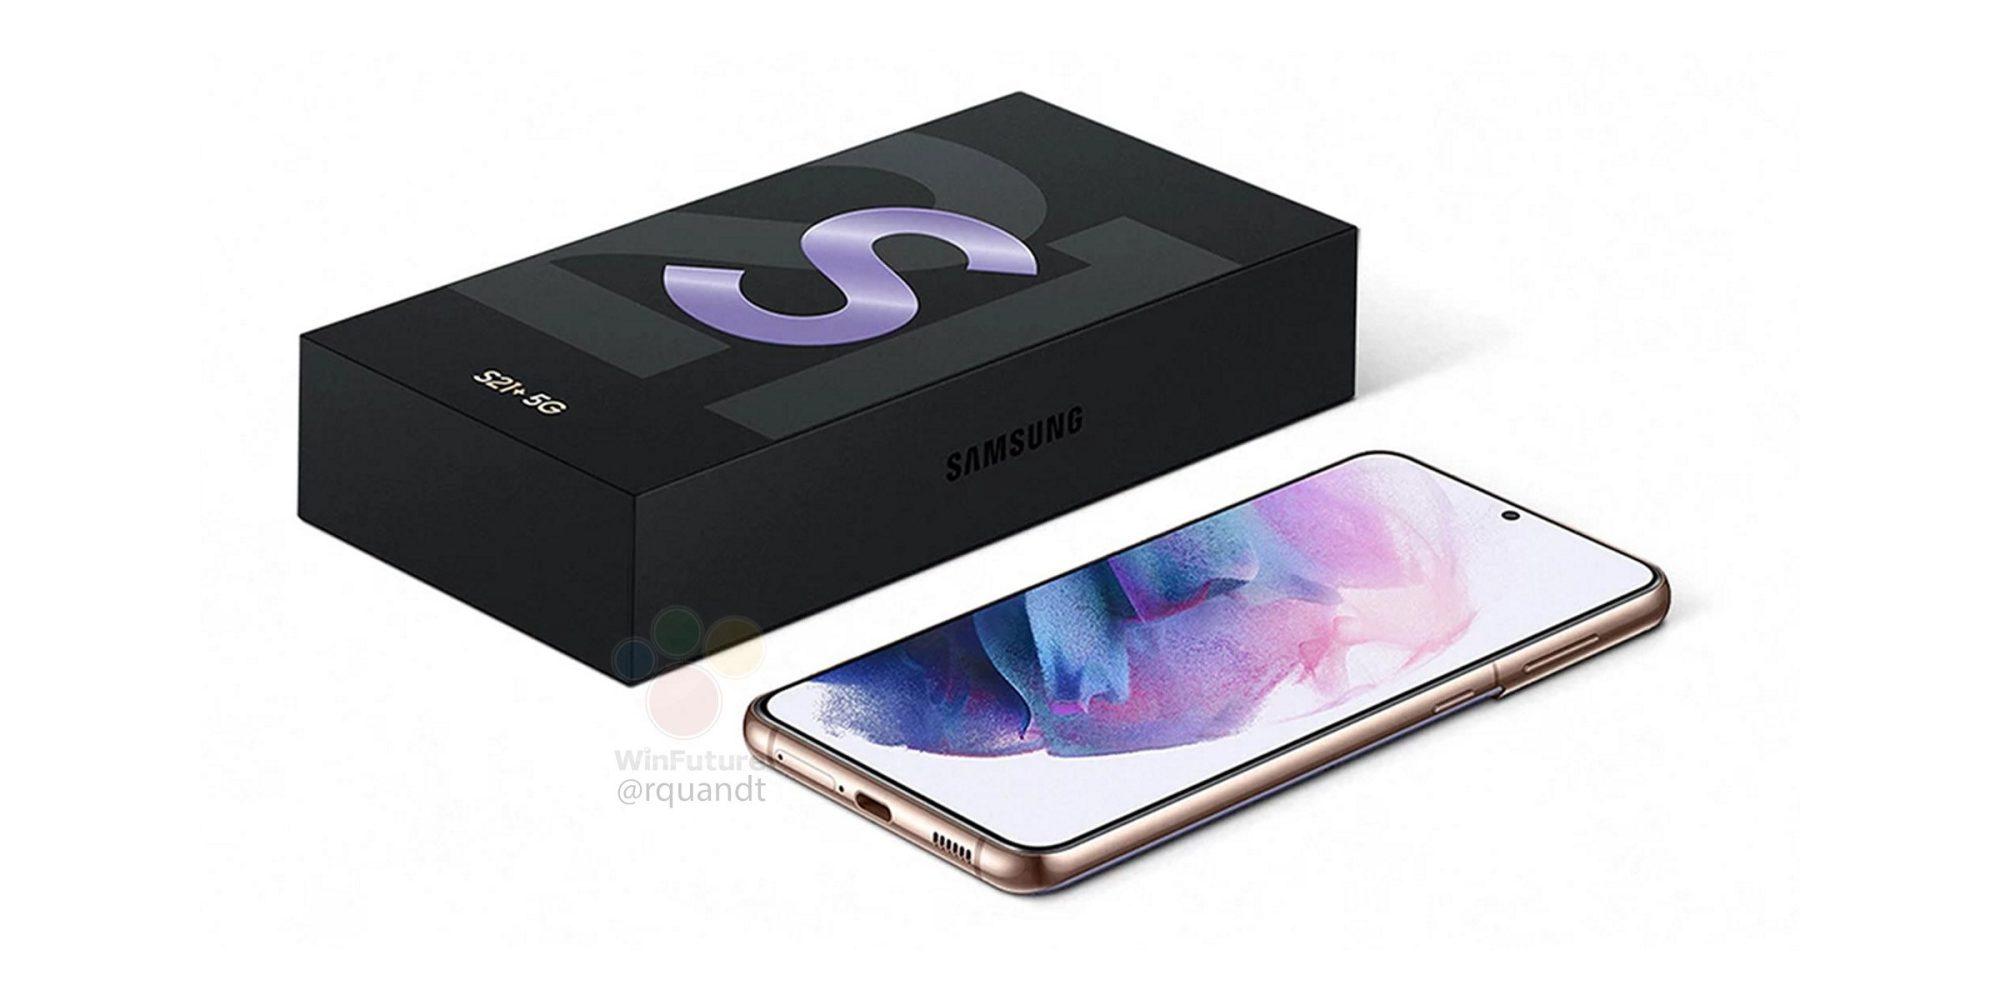 曝三星S21包装很小 不仅学苹果不给充电器 耳机也没了